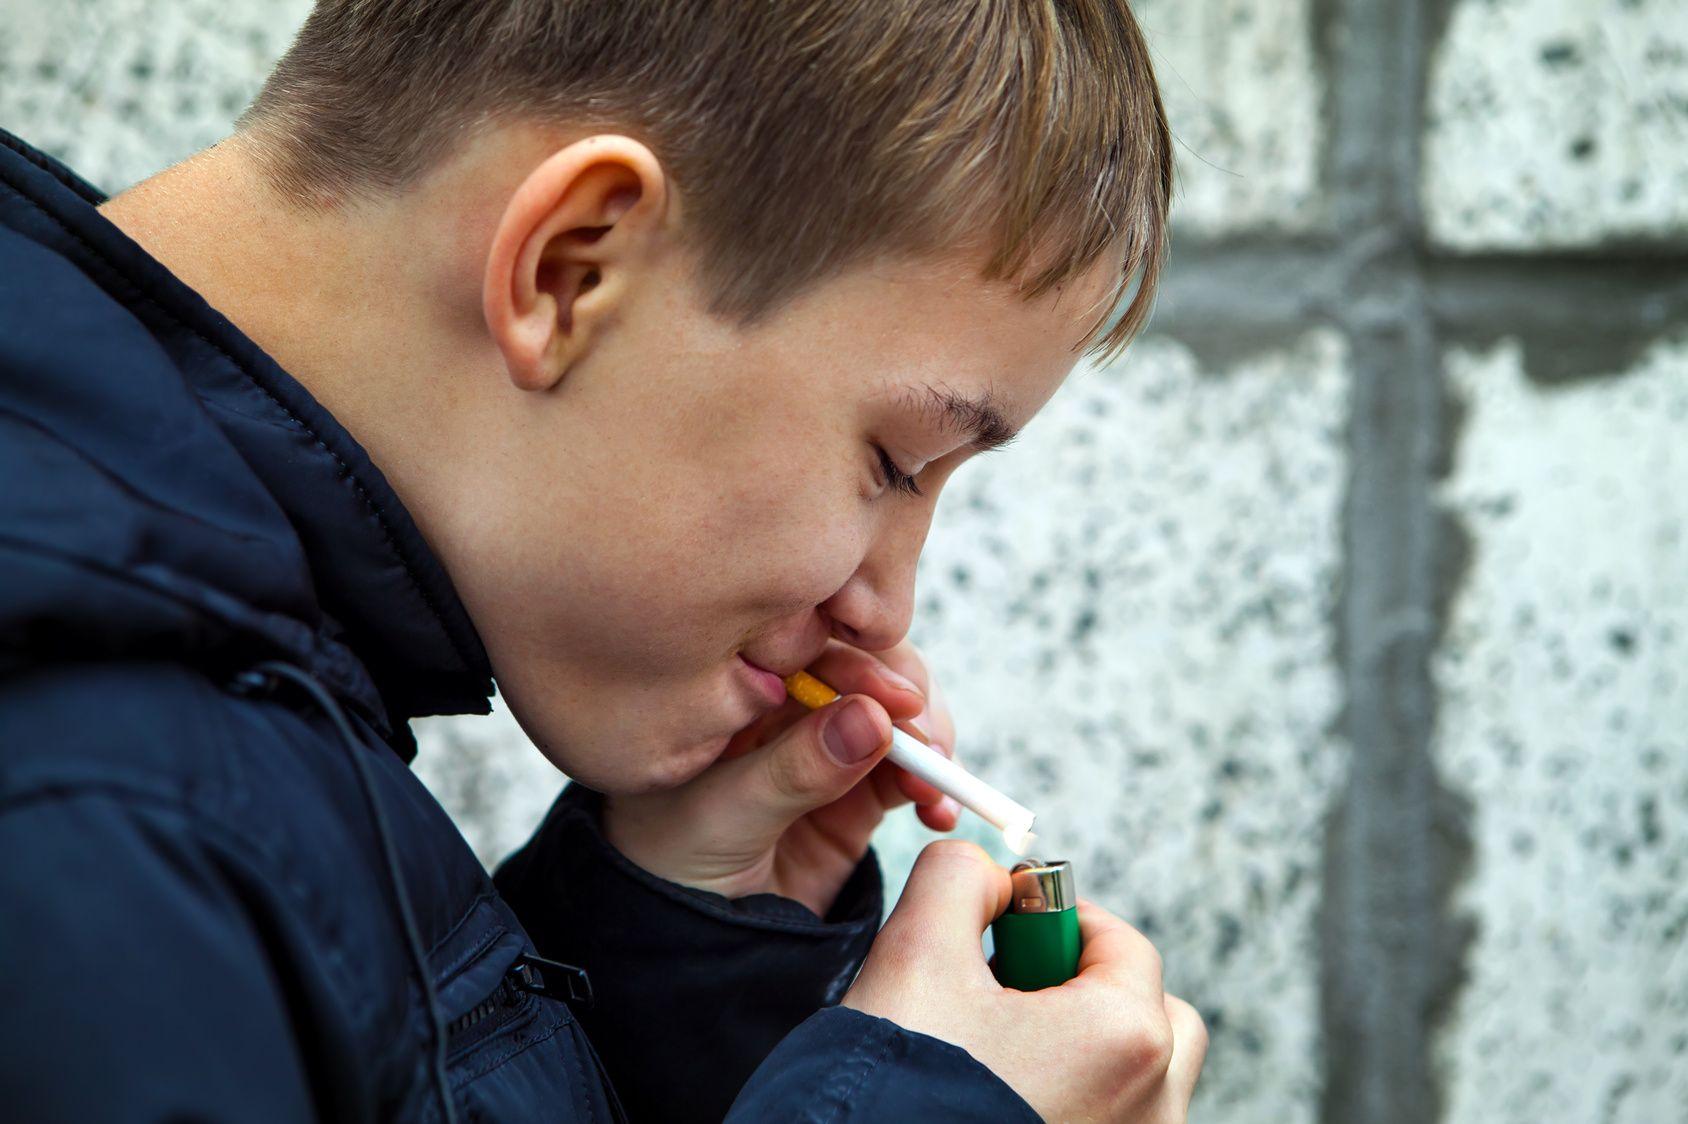 Moins De Nicotine Dans Les Cigarettes La Décision Très